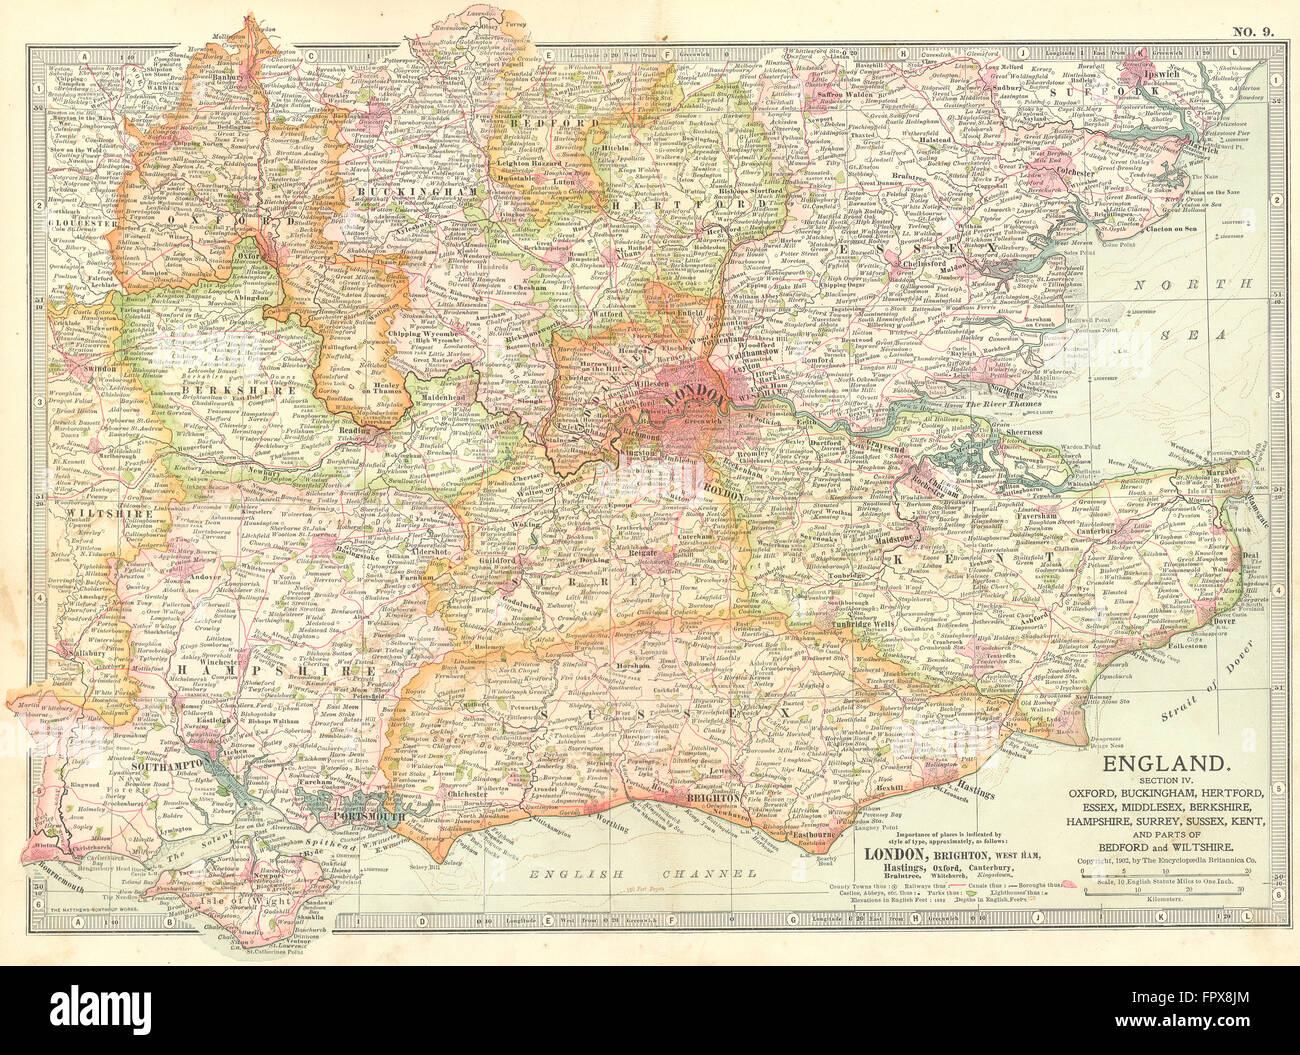 S E England Map.Se England Home Counties Inc Bucks Essex Middx 1903 Antique Map